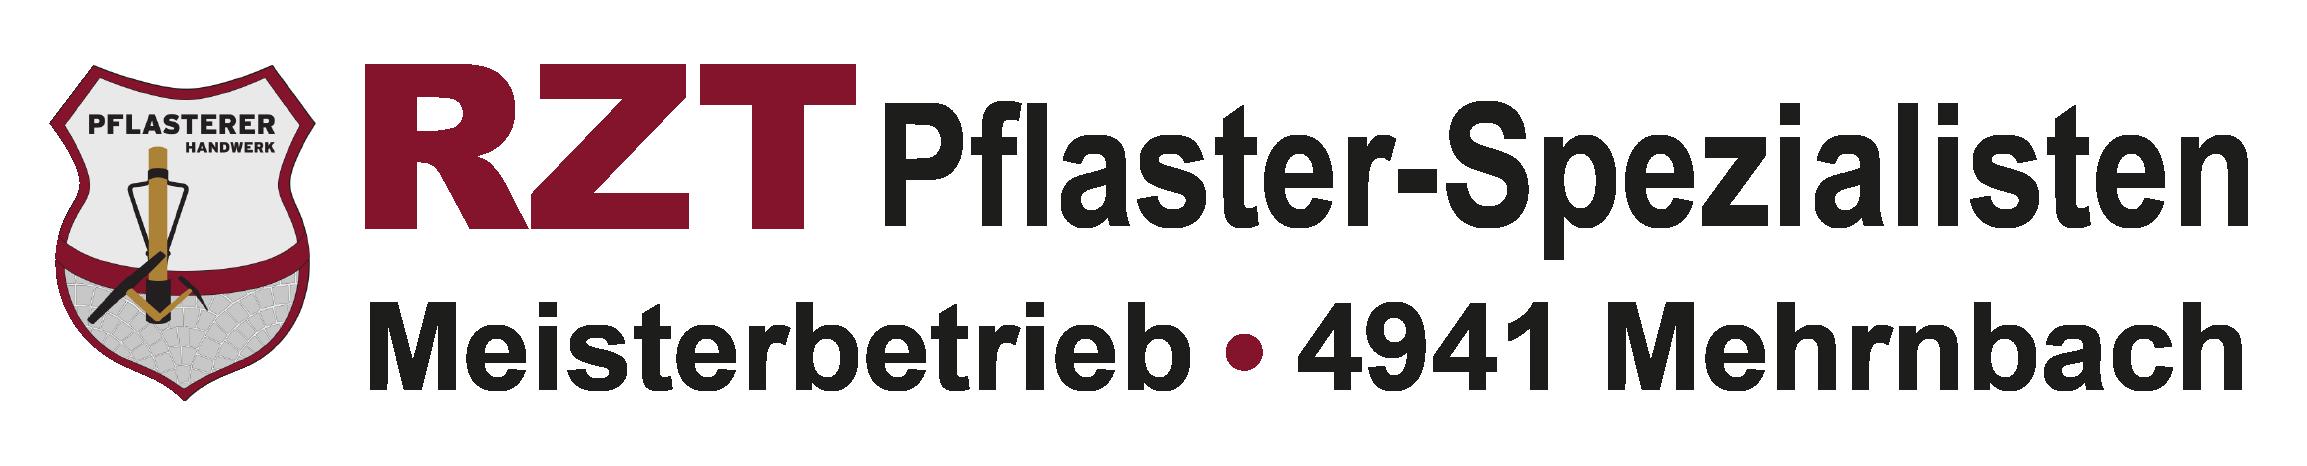 RZT Pflasterspezialisten GmbH aus Mehrnbach | Ihr verlässlicher und kompetenter Partner für Pflaster-, Platten- und Fliesenverleger aus Mehrnbach im Bezirk Ried in Innkreis in Oberösterreich!